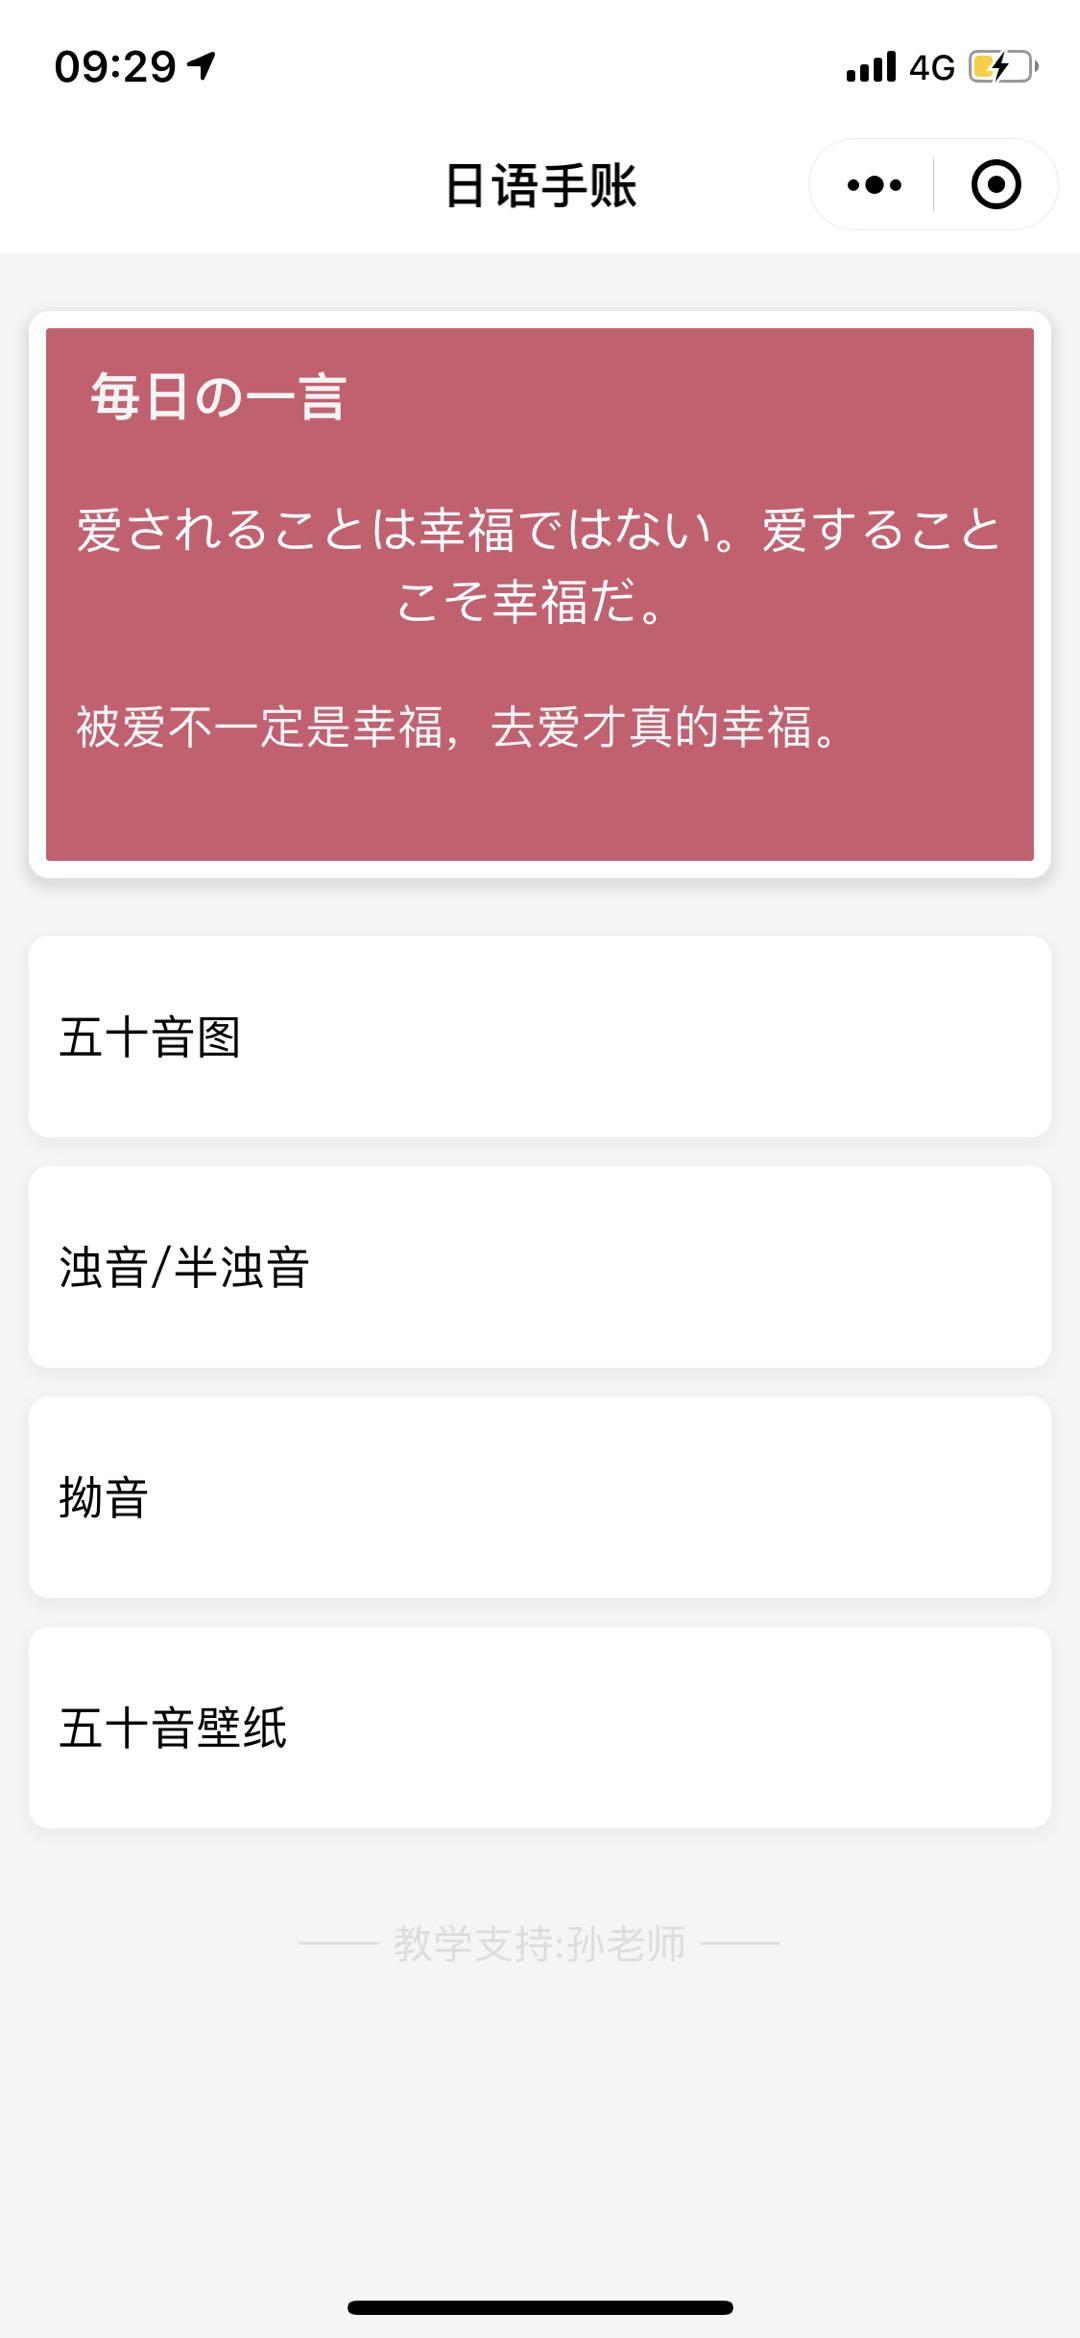 日语手账小程序截图